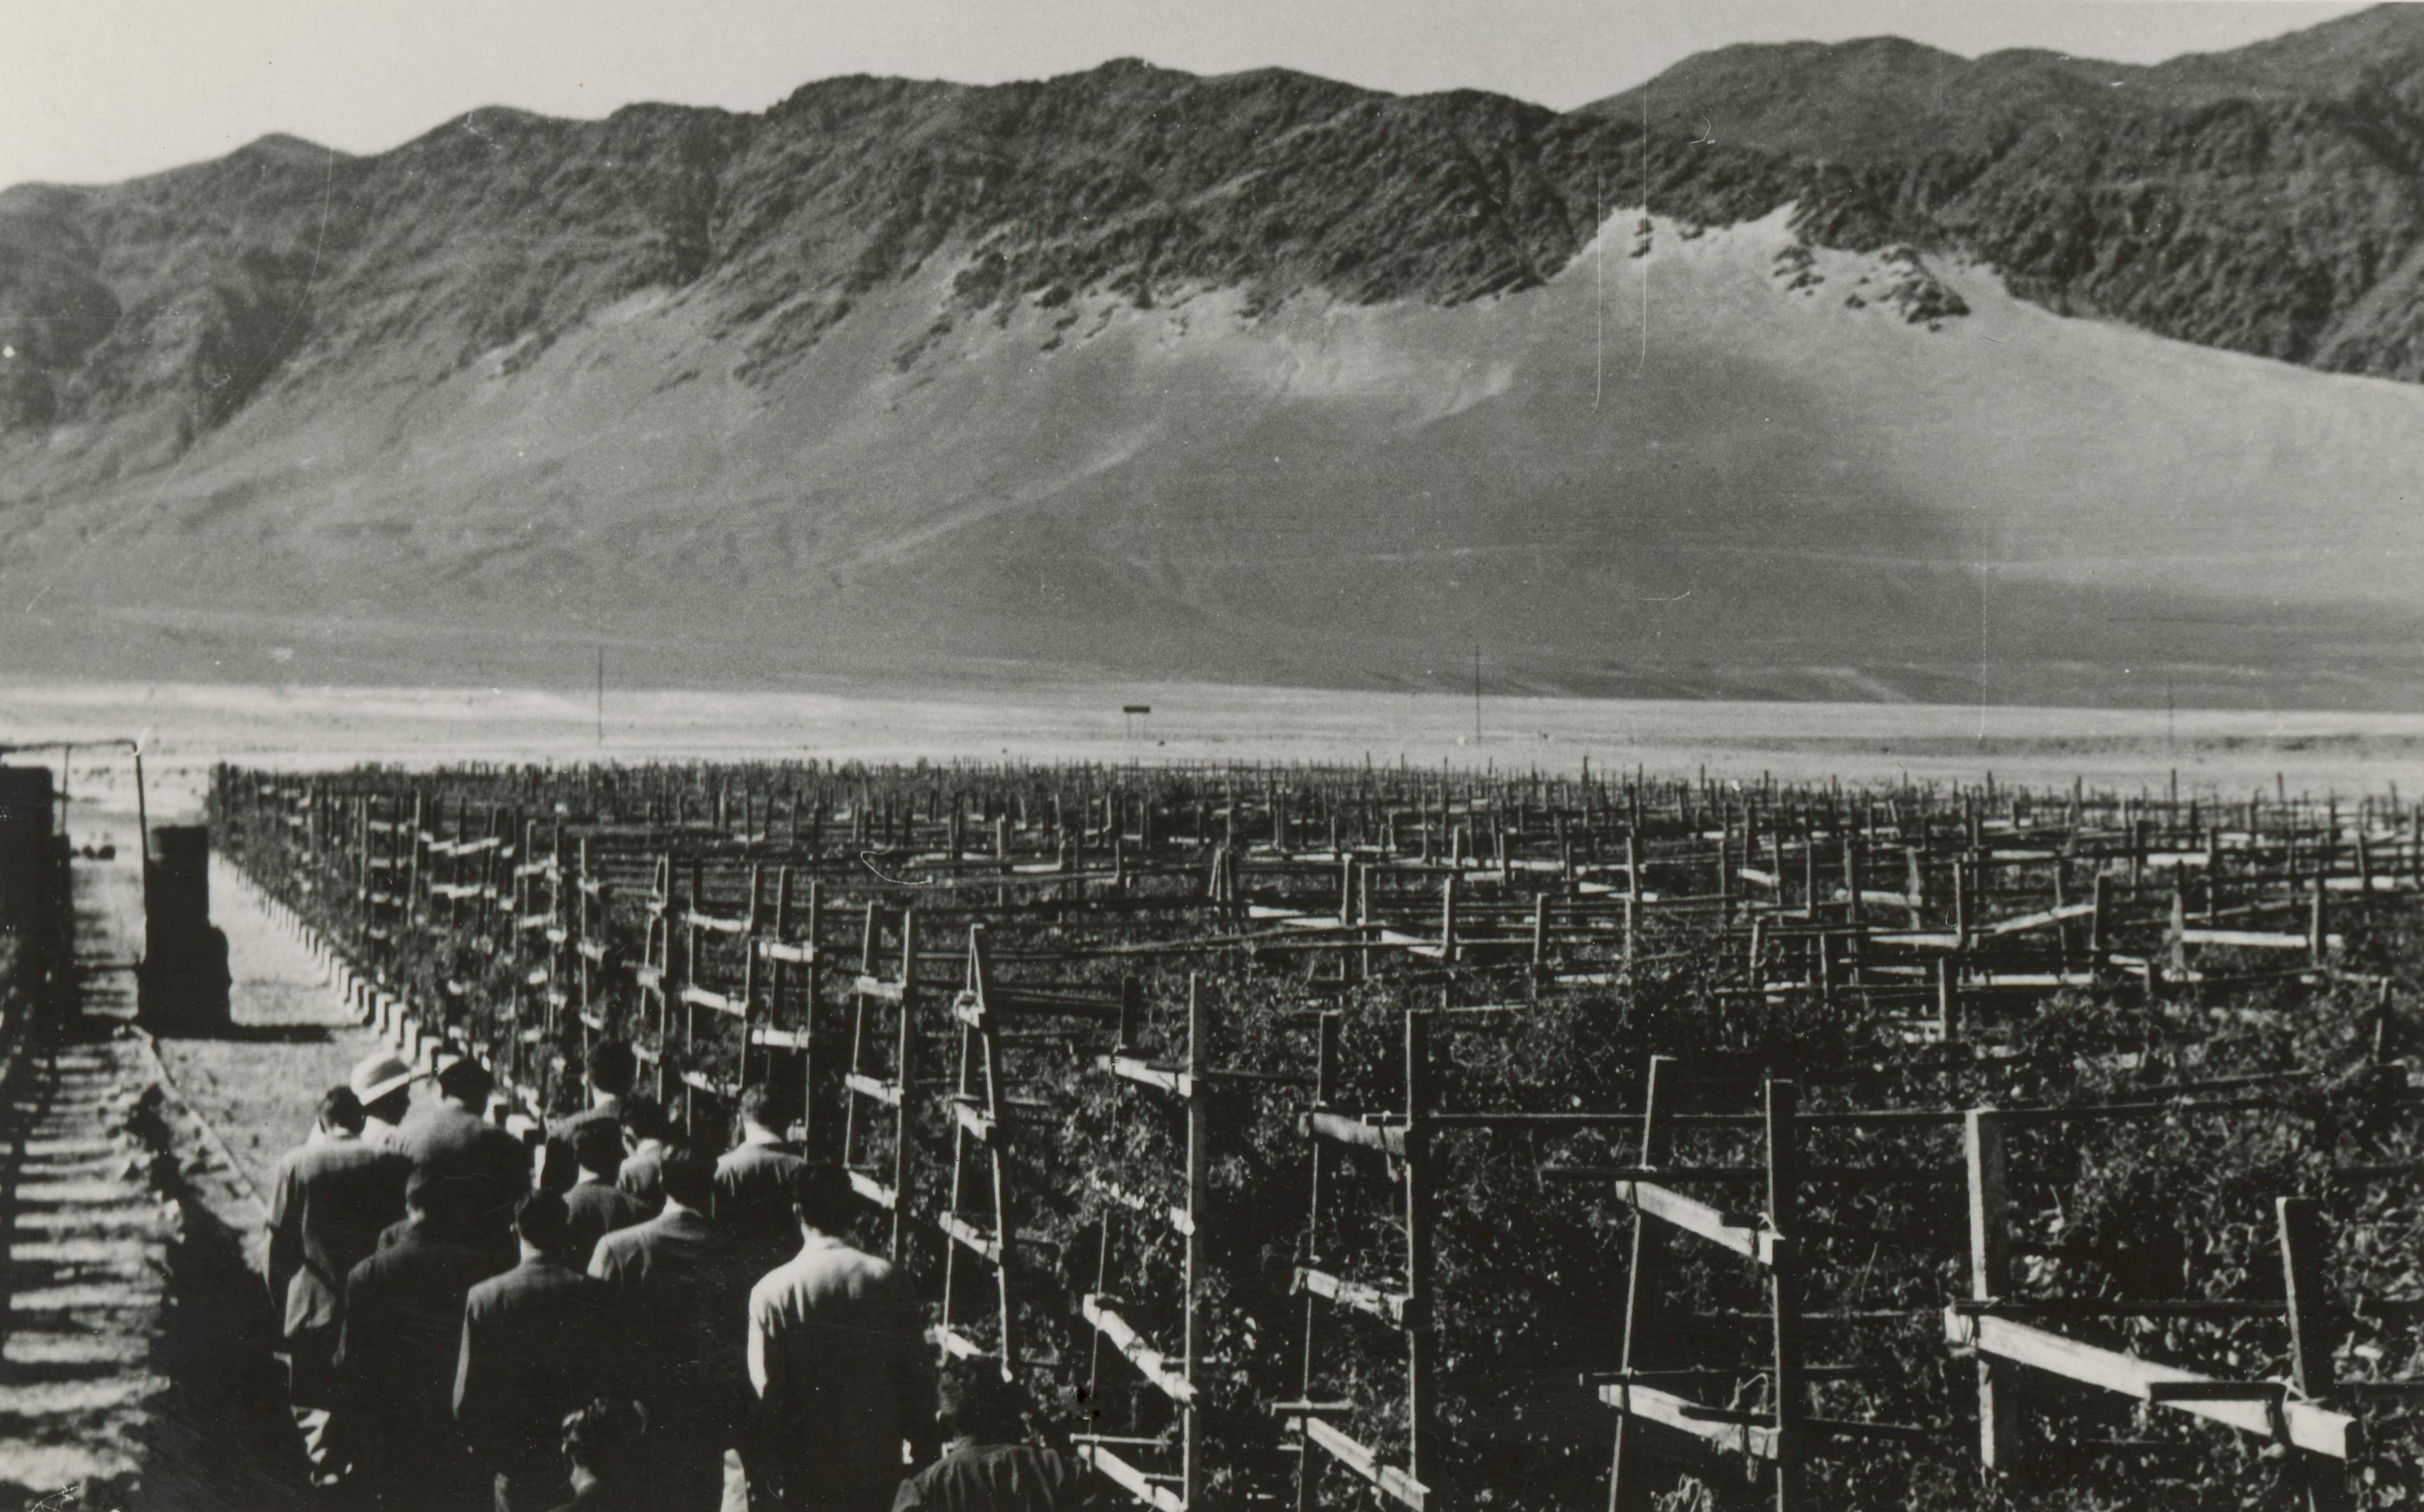 Enterreno - Fotos históricas de chile - fotos antiguas de Chile - Plantación en las cercanías de Antofagasta, 1950